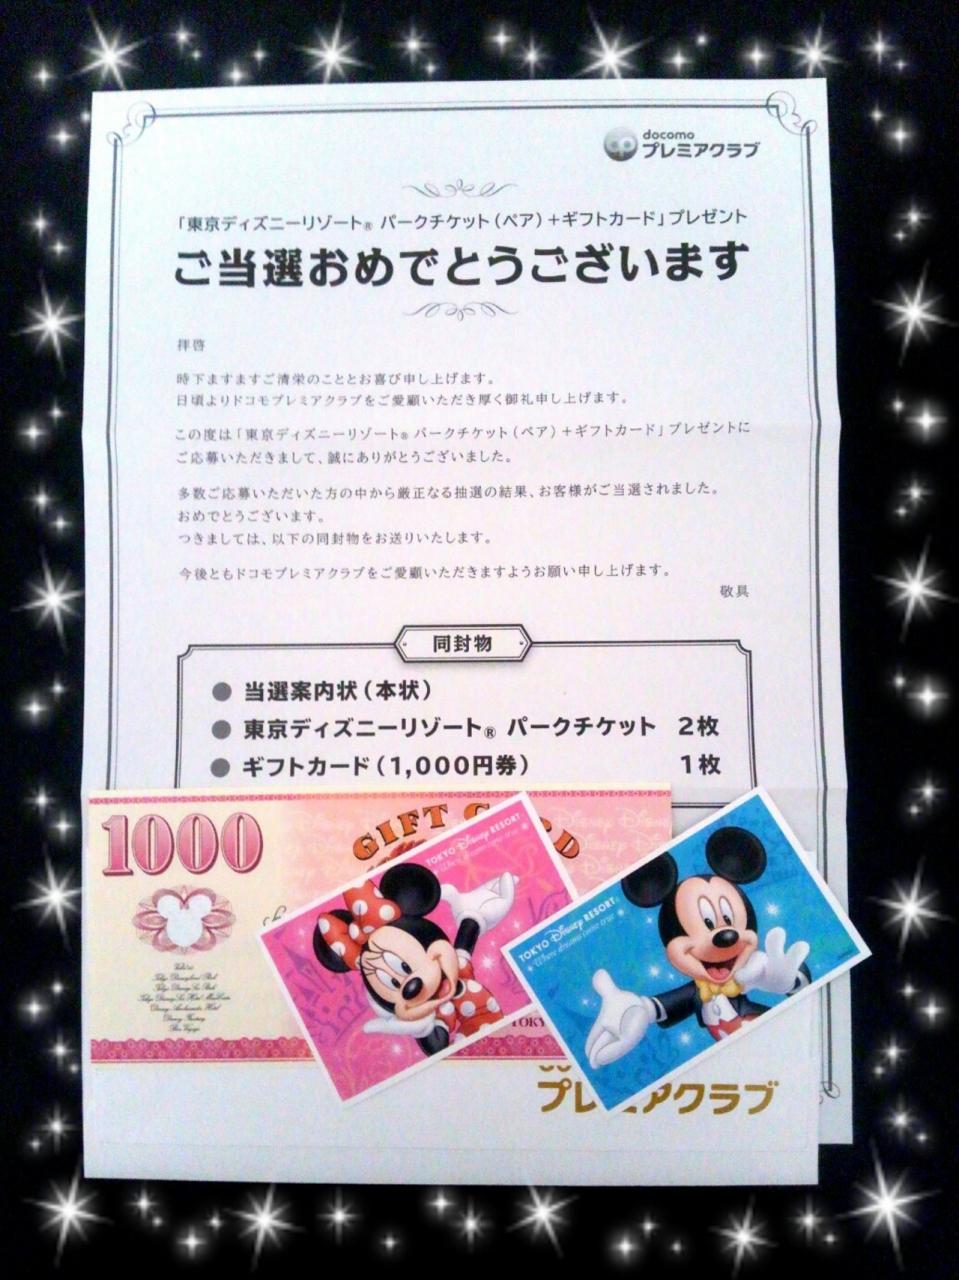 ◎おとな夫婦で楽しむ☆週末ディズニーシー(2015.10)』東京ディズニー